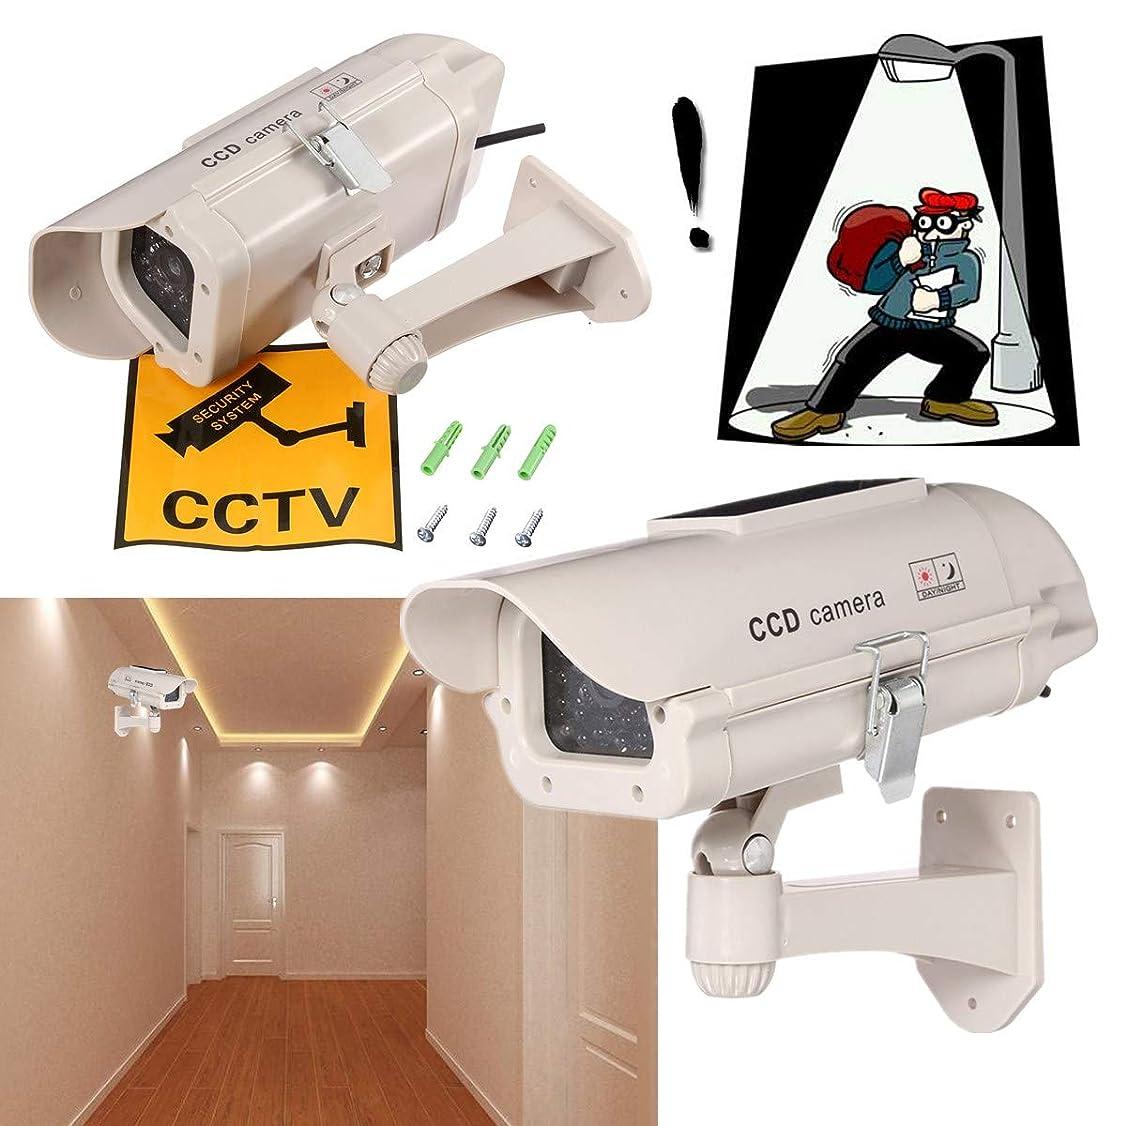 オリエンテーション嵐できた屋外シミュレーションダミーカメラCCTVホーム監視セキュリティミニカメラ点滅LEDライト偽カメラソーラーパワー